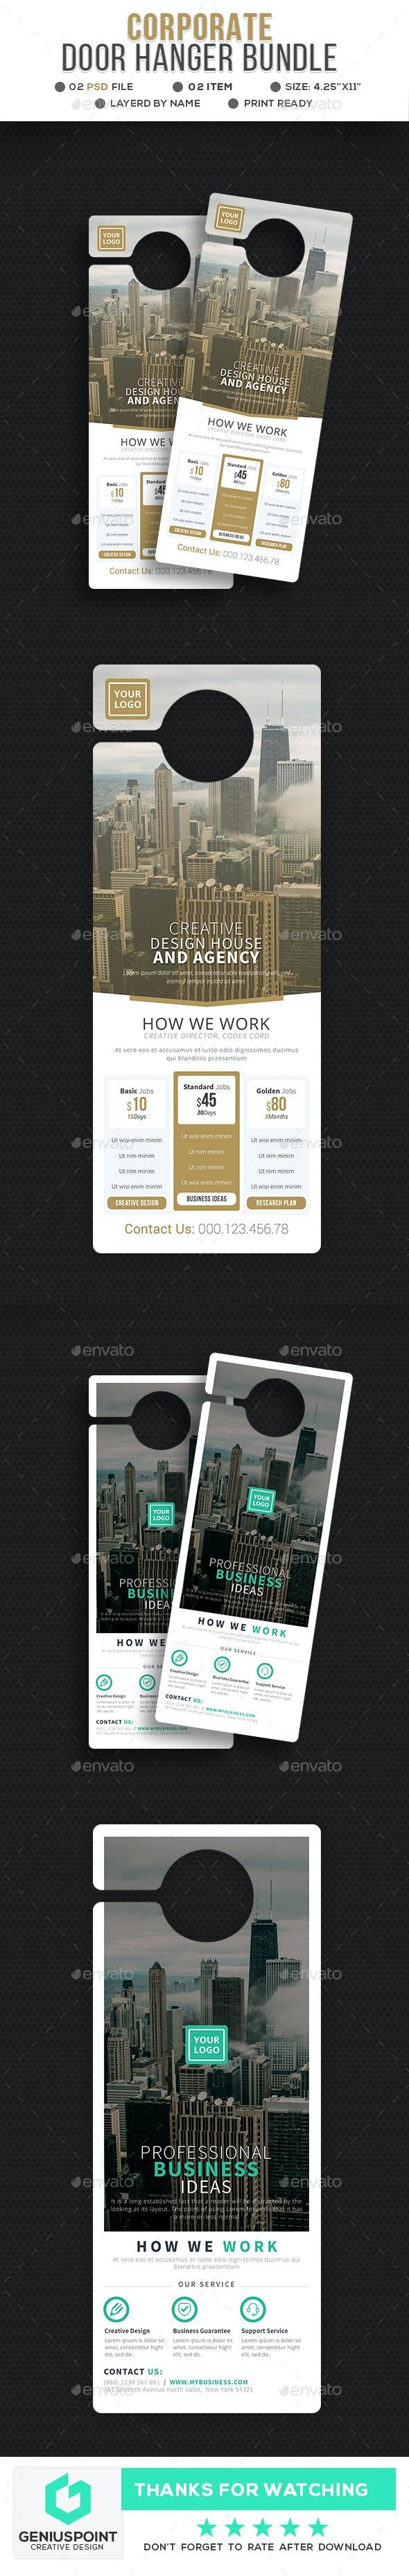 Corporate Door Hanger Bundle - Miscellaneous Print Templates